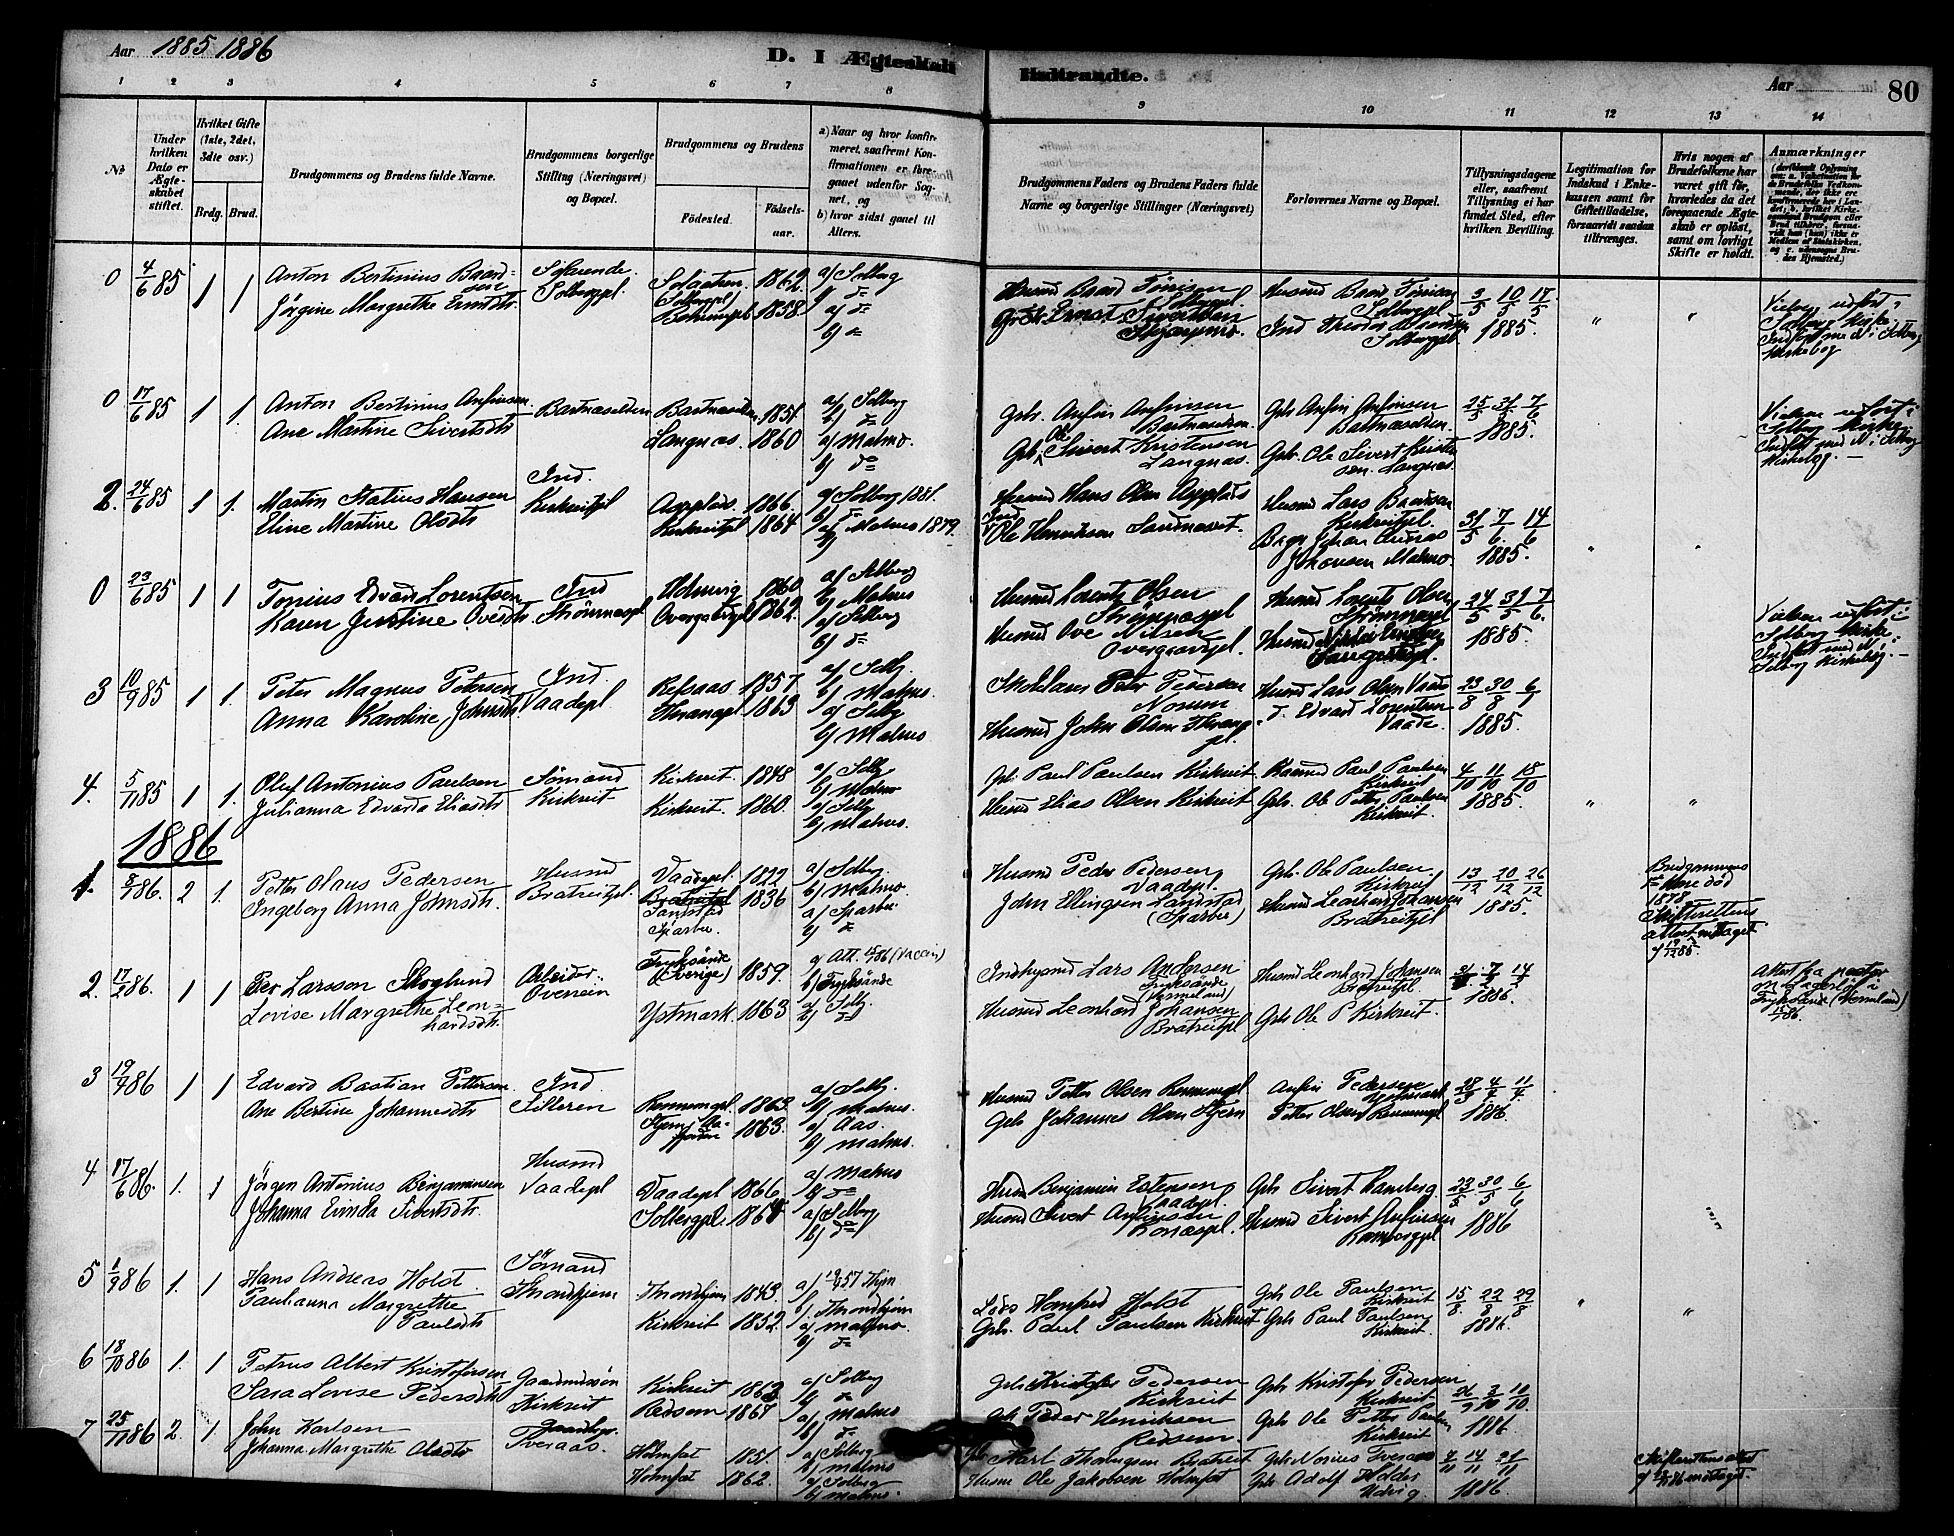 SAT, Ministerialprotokoller, klokkerbøker og fødselsregistre - Nord-Trøndelag, 745/L0429: Ministerialbok nr. 745A01, 1878-1894, s. 80